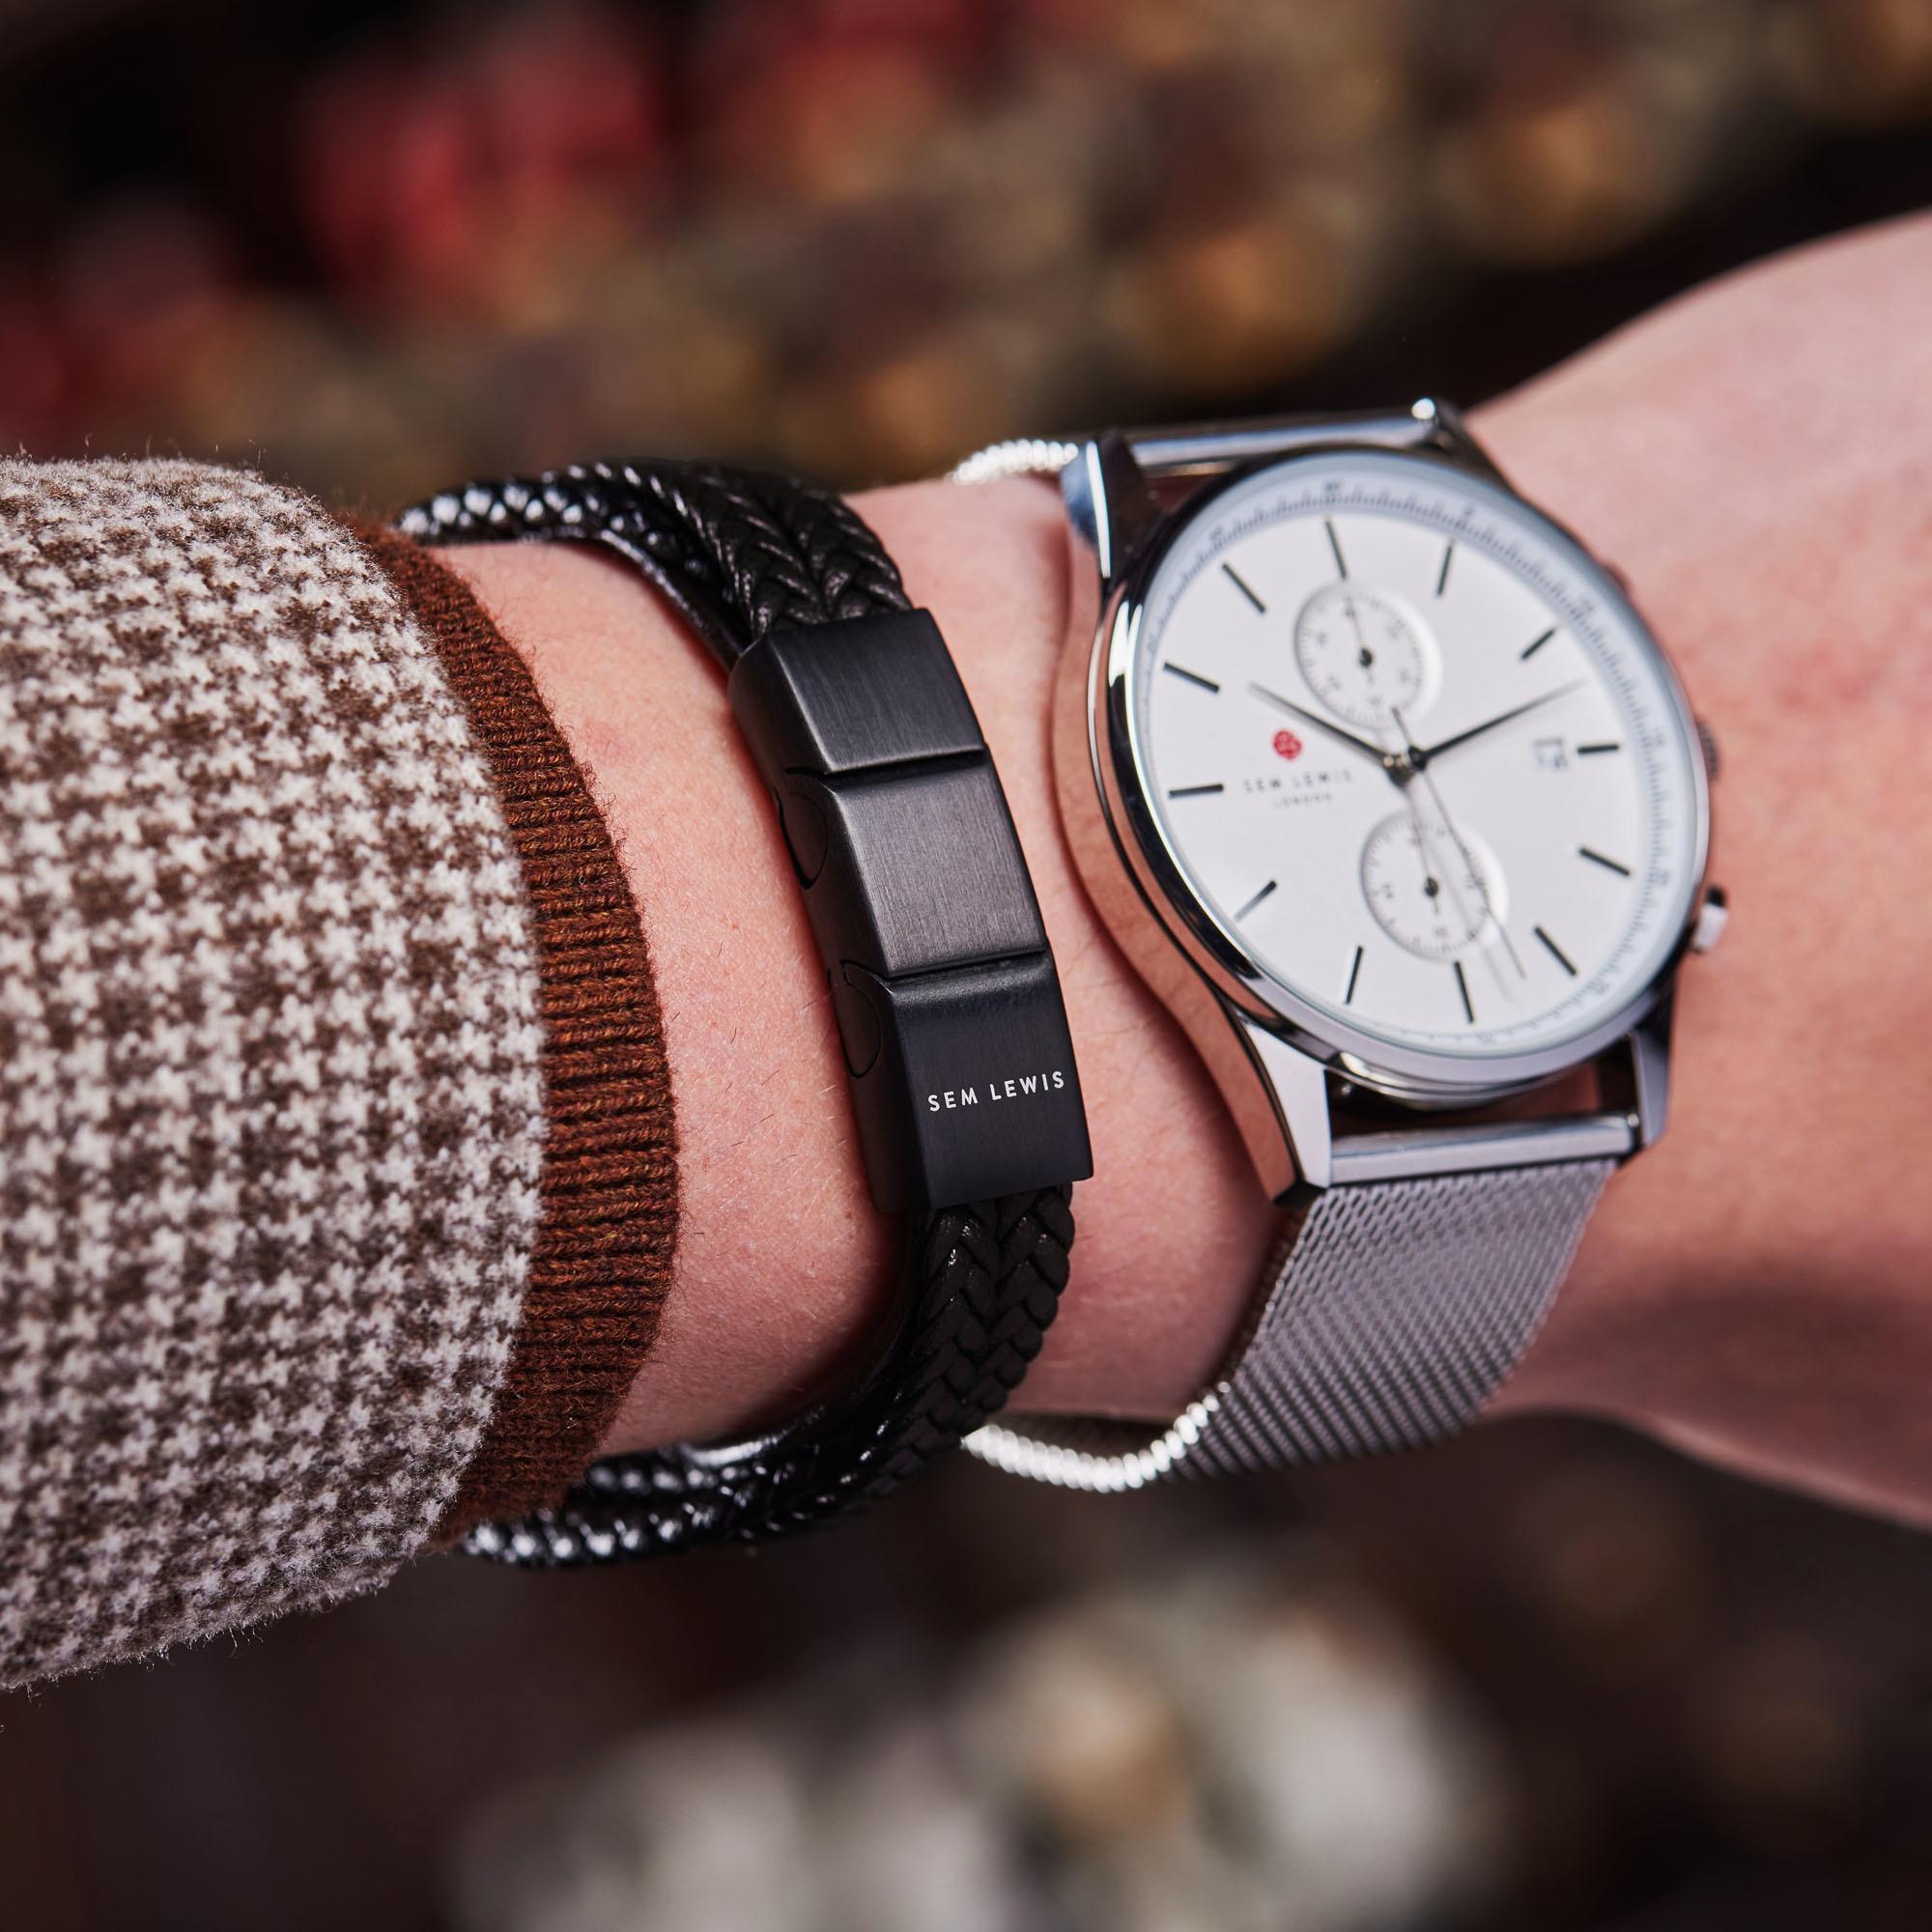 Sem Lewis Bakerloo Paddington braccialetto di pelle nero